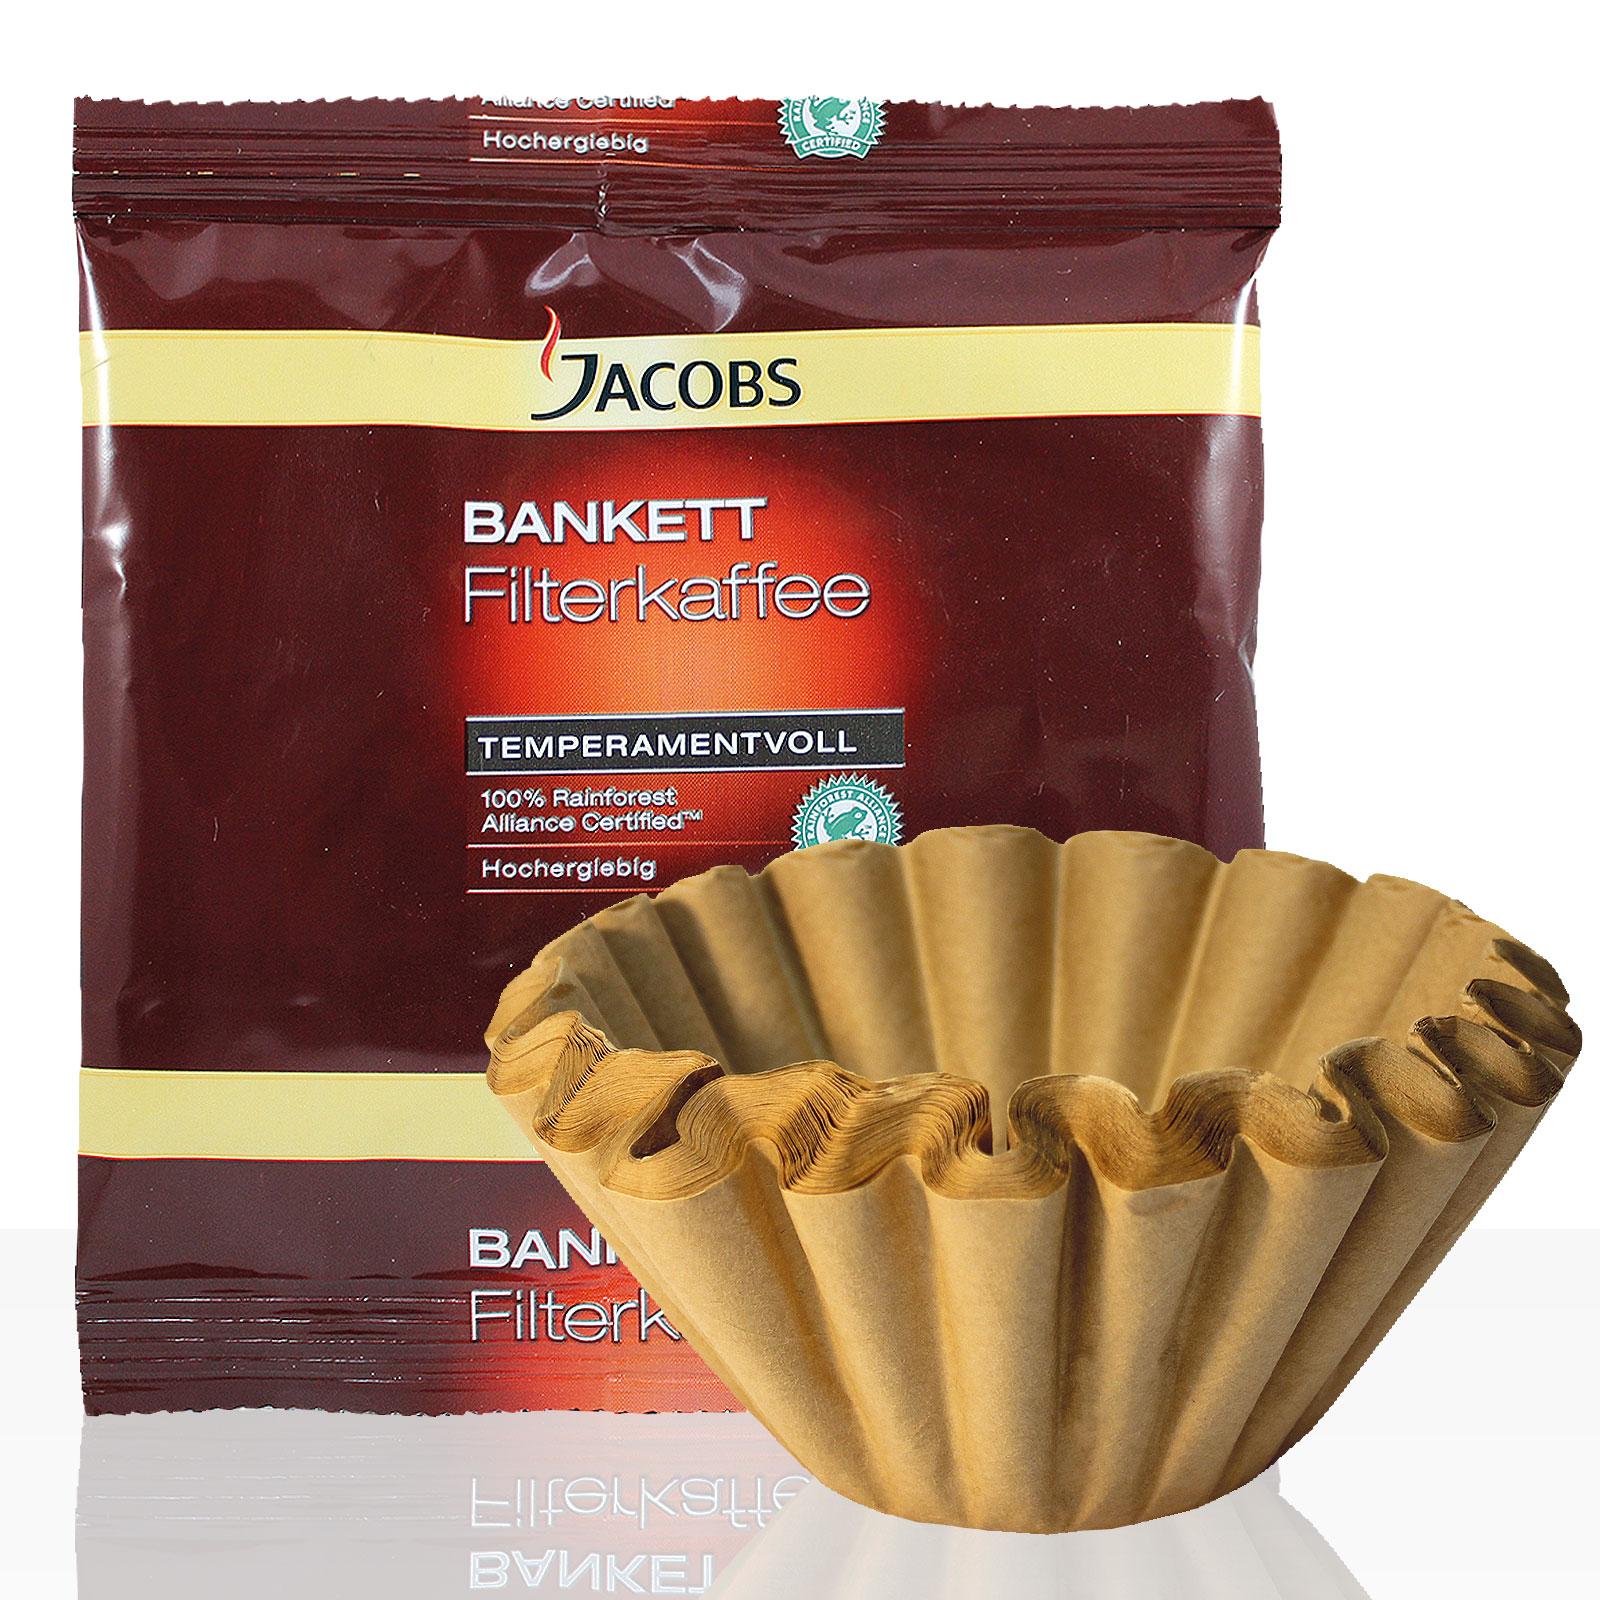 Jacobs Bankett Temperamentvoll 42 x 60g Kaffee gemahlen + 50 Korbfilter, Servicepaket